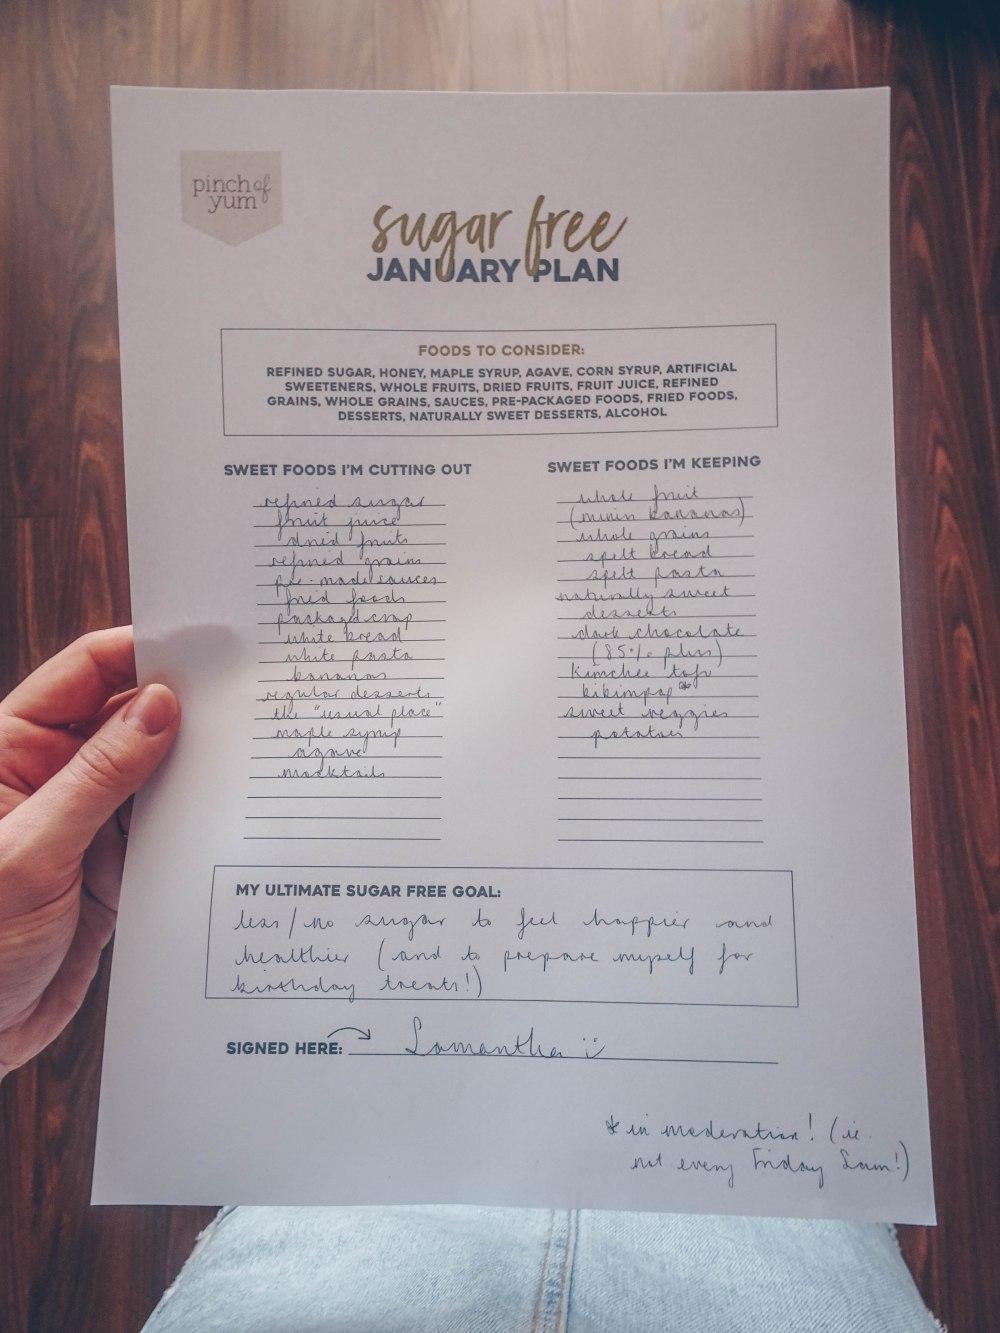 My Sugar Free January Plan